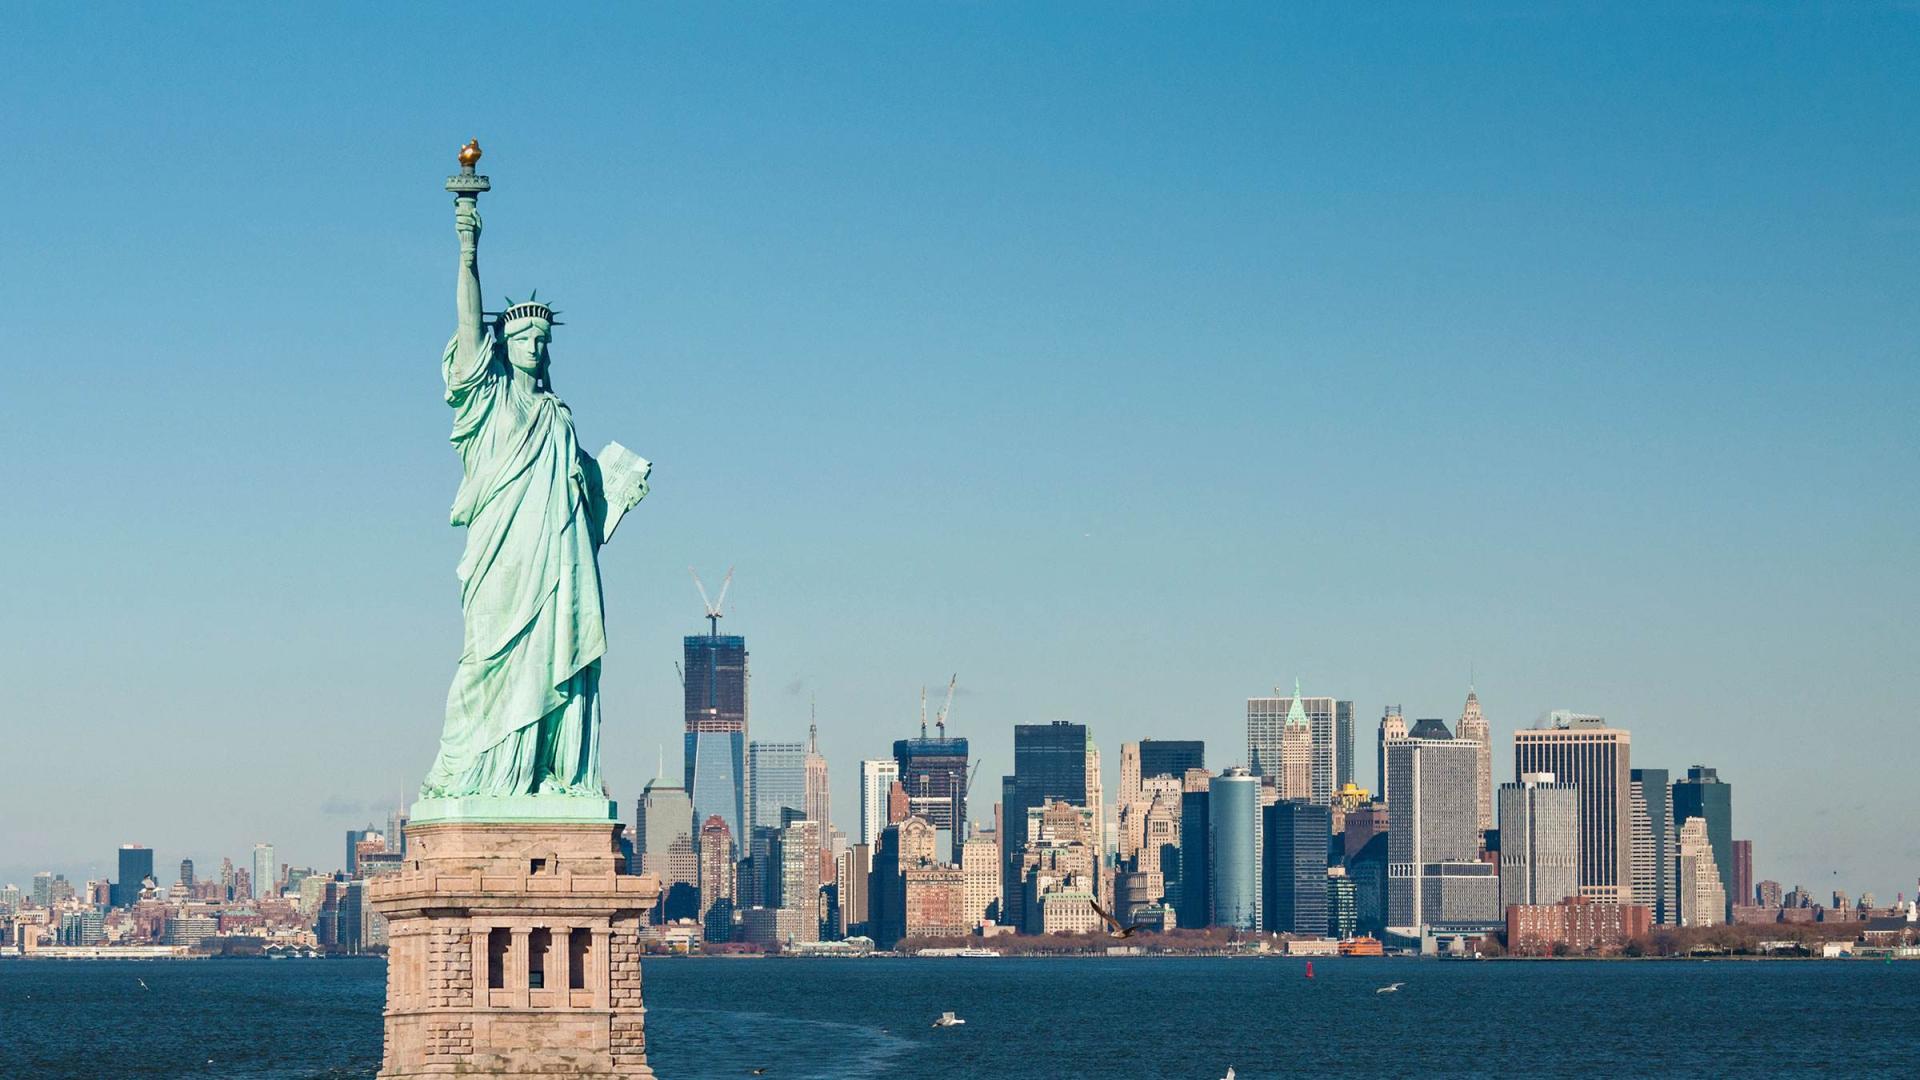 谁会成为新的霸主 这俩国家已迫不及待 美国若不再强大